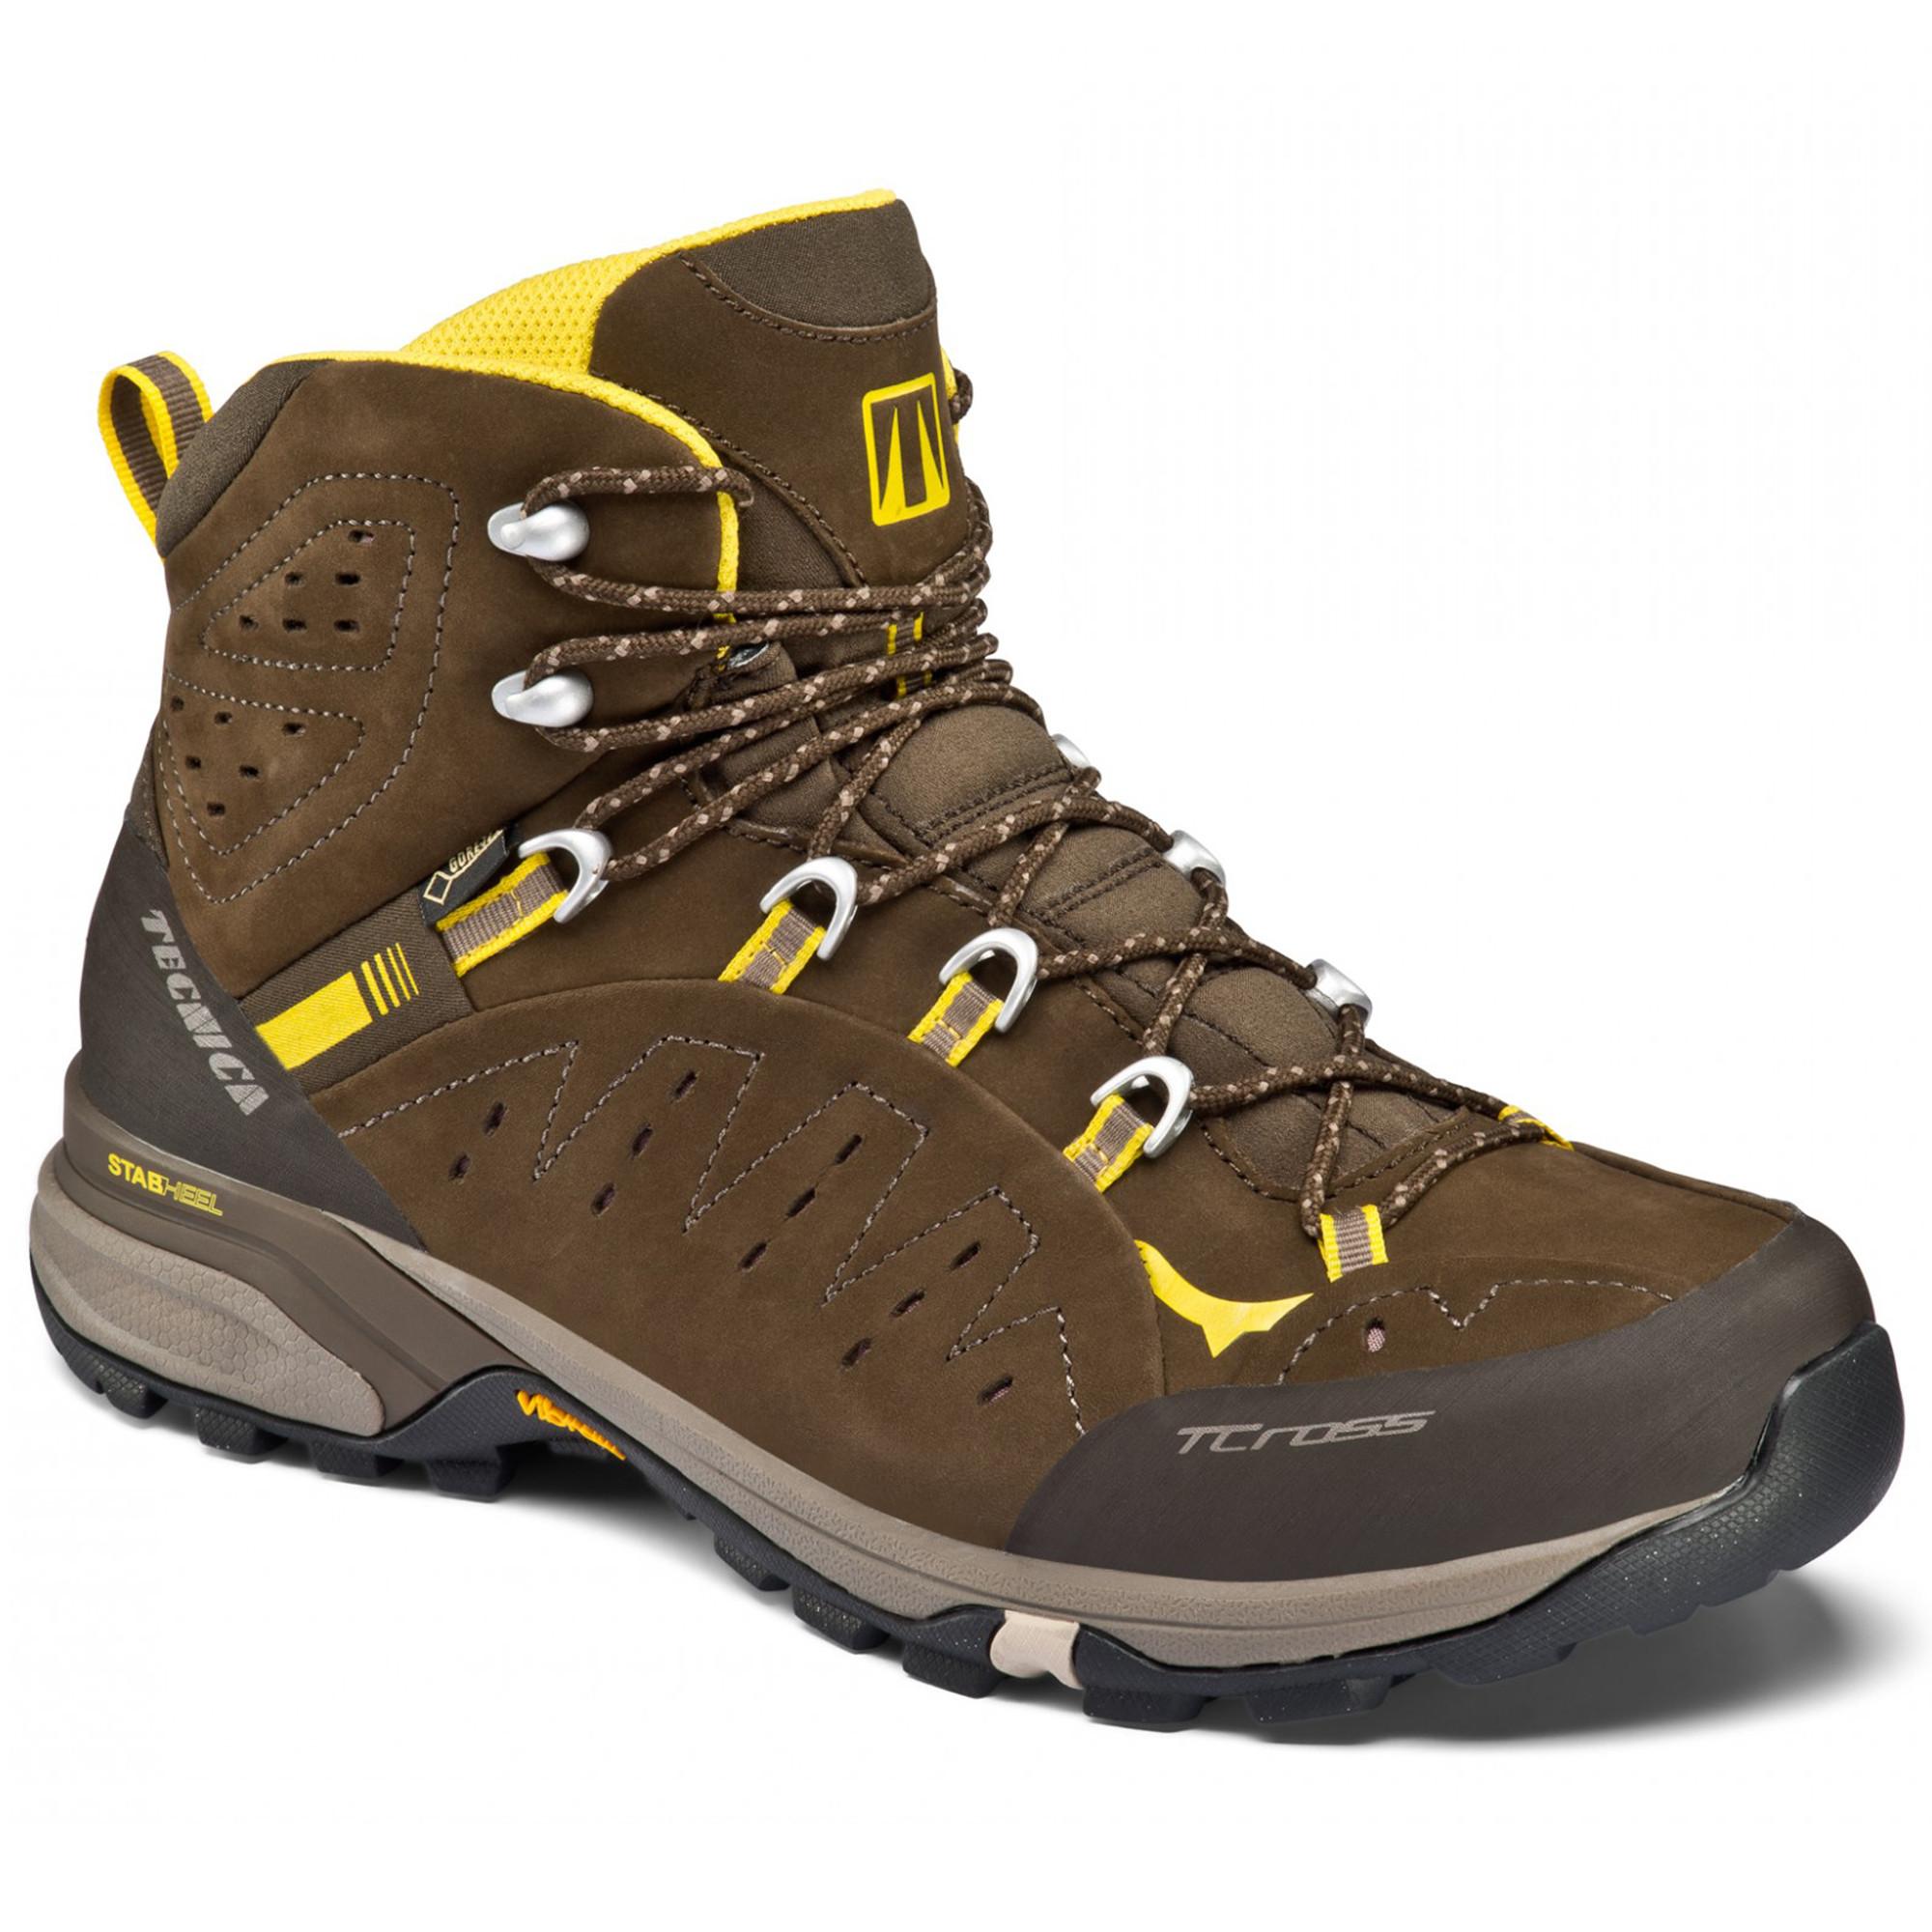 Tecnica T-Cross High Lhp Fw Gtx Chaussure Homme  - Chaussures Chaussures-de-randonnee Homme